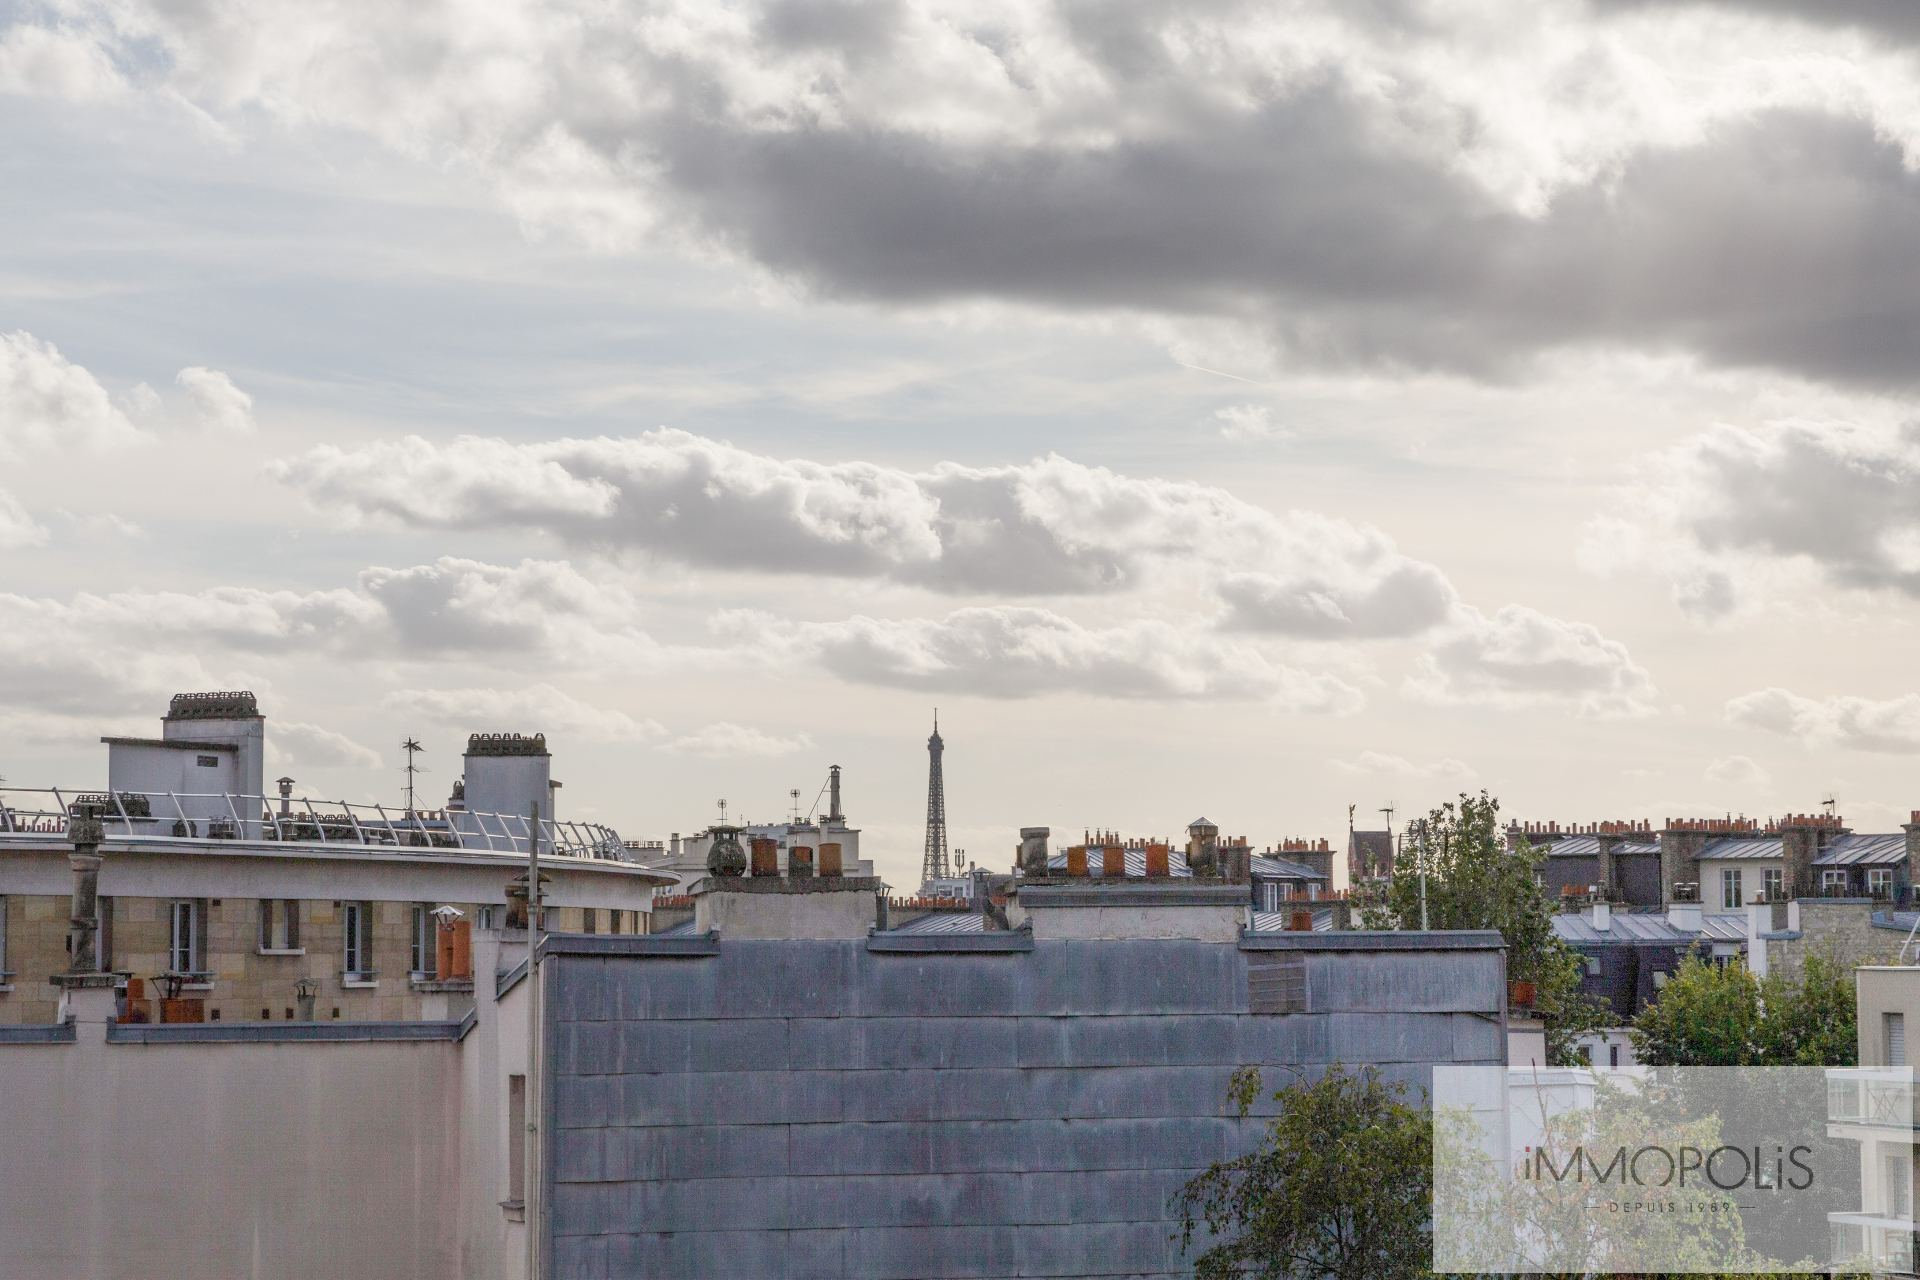 4 pièces avec balcon terrasse et vue dégagée sur jardins et la Tour Eiffel : vendu occupé par usufruitière de 90 ans 4